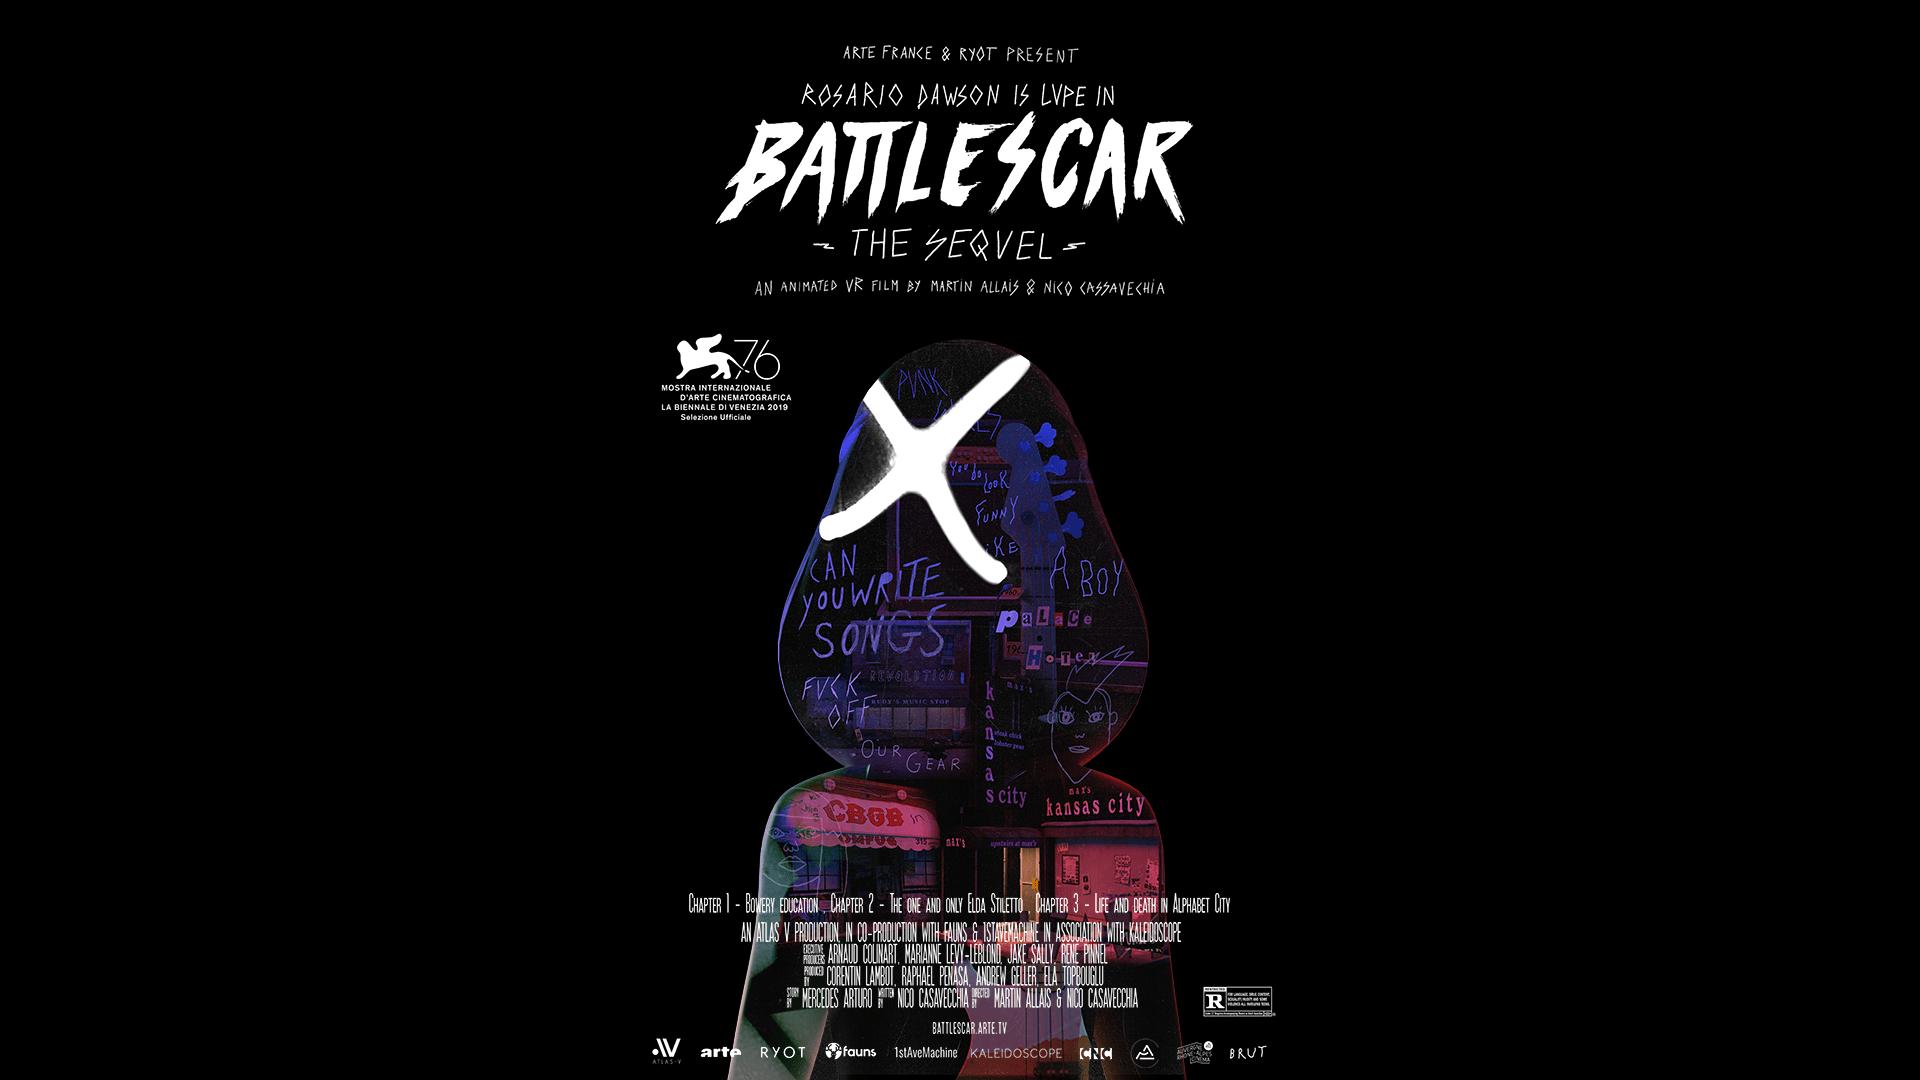 Battlescar Poster